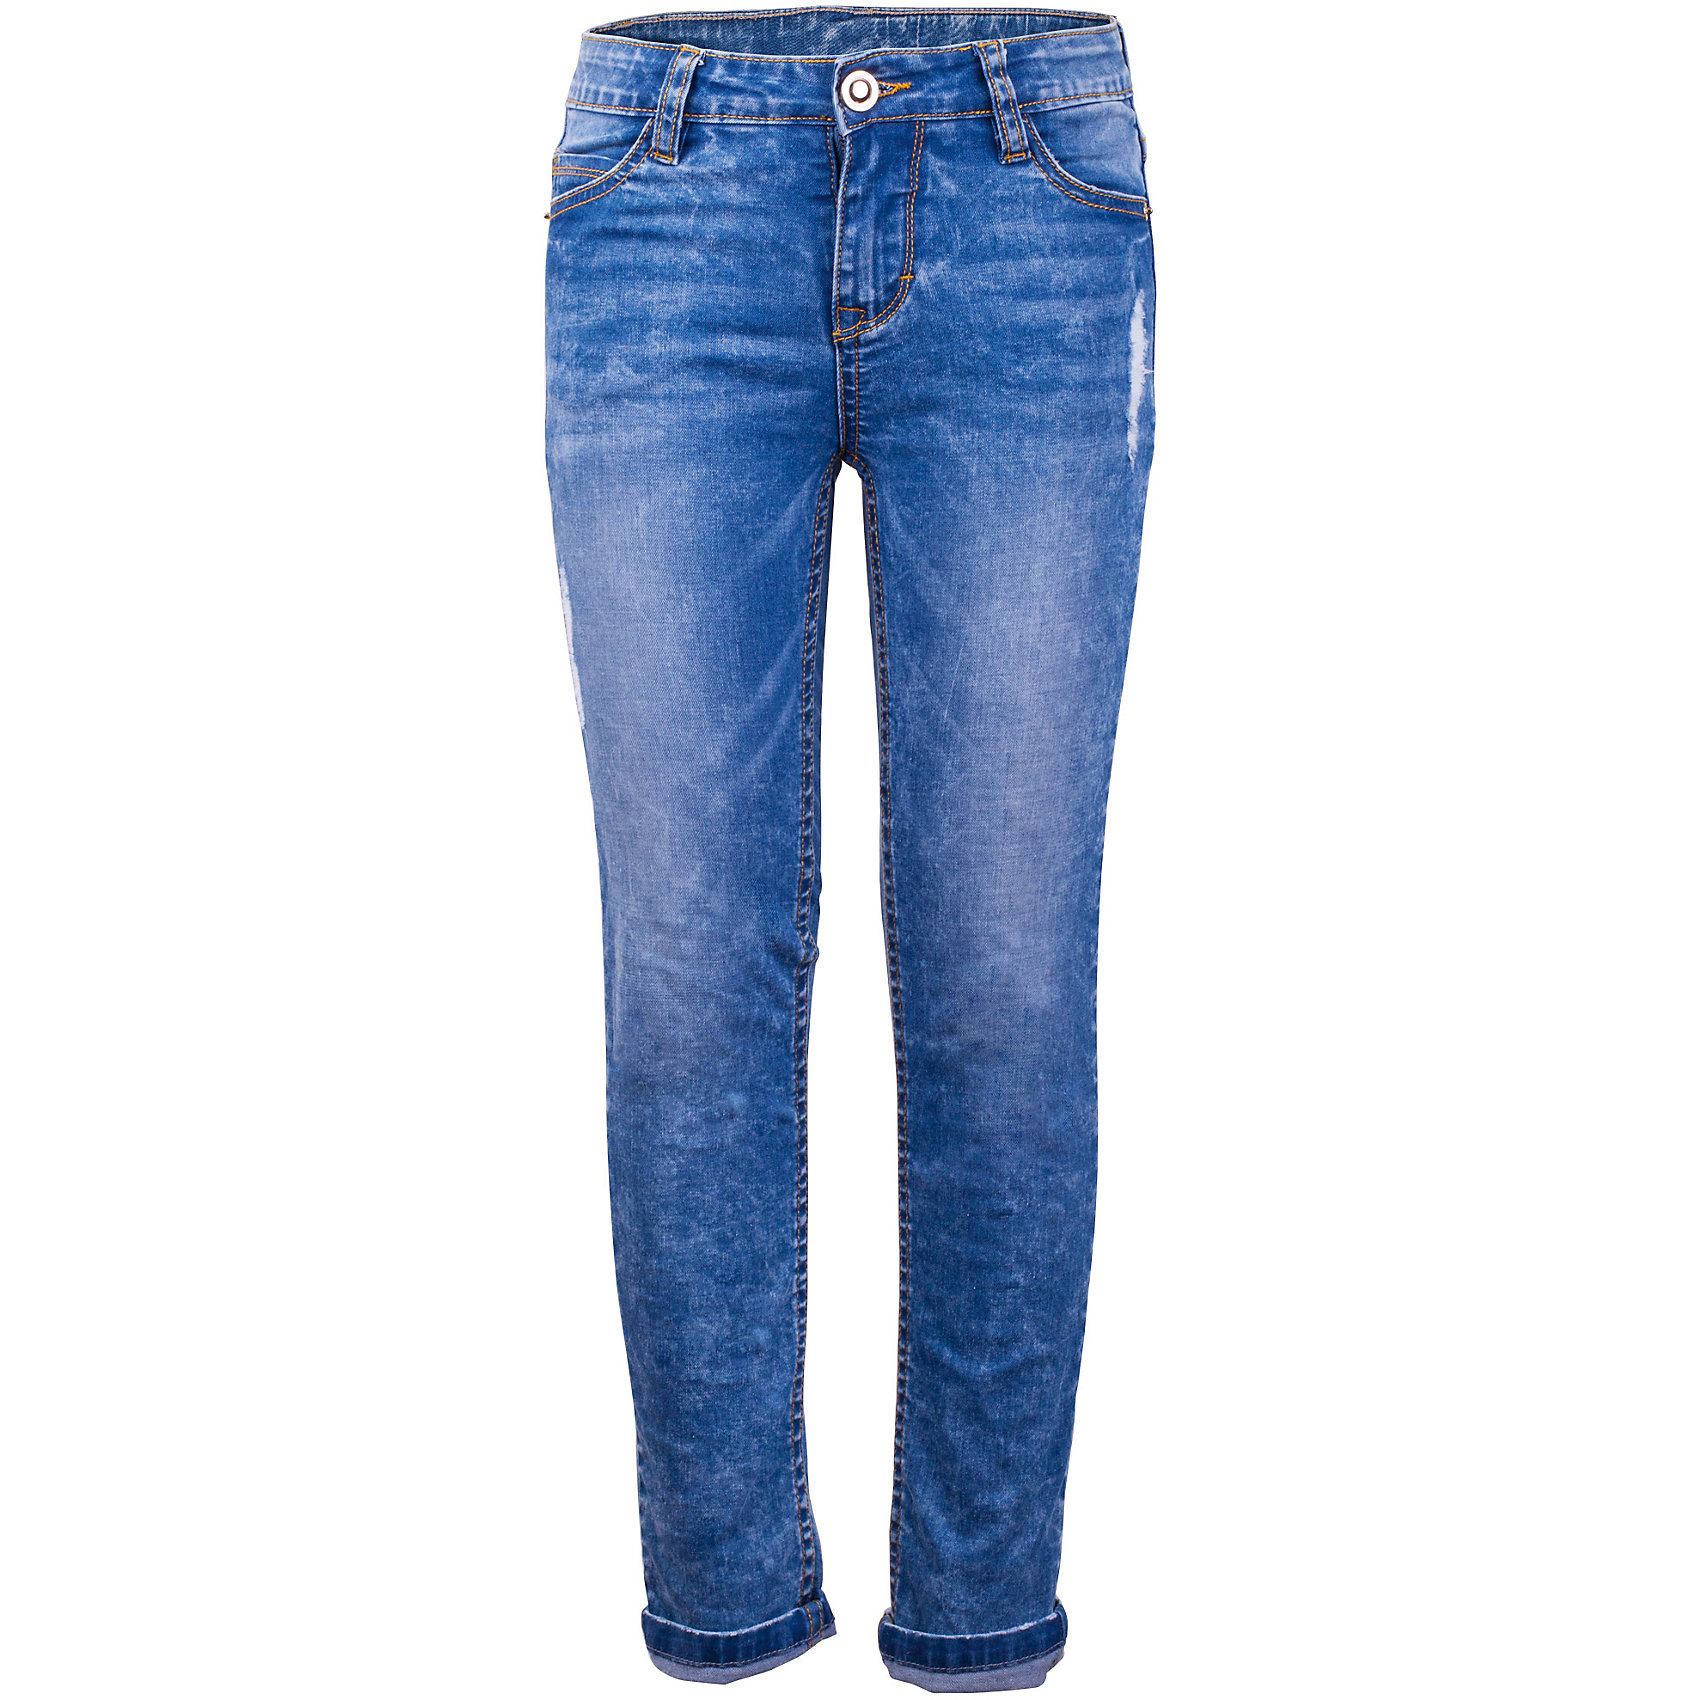 Джинсы для девочки GulliverДжинсы<br>Школьный сезон приближается к концу и пора составлять весенне-летний гардероб ребенка... Облегающие джинсы с варкой, потертостями и мелкими повреждениями будут лучшим подарком для юной модницы, став основой ее повседневного образа. Если вы решили купить хорошие детские джинсы, эта модель, обеспечивающая красивую посадку изделия на фигуре, удобство и функциональность - беспроигрышный вариант.<br>Состав:<br>98% хлопок      2% эластан<br><br>Ширина мм: 215<br>Глубина мм: 88<br>Высота мм: 191<br>Вес г: 336<br>Цвет: синий<br>Возраст от месяцев: 108<br>Возраст до месяцев: 120<br>Пол: Женский<br>Возраст: Детский<br>Размер: 140,122,128,134<br>SKU: 5484046